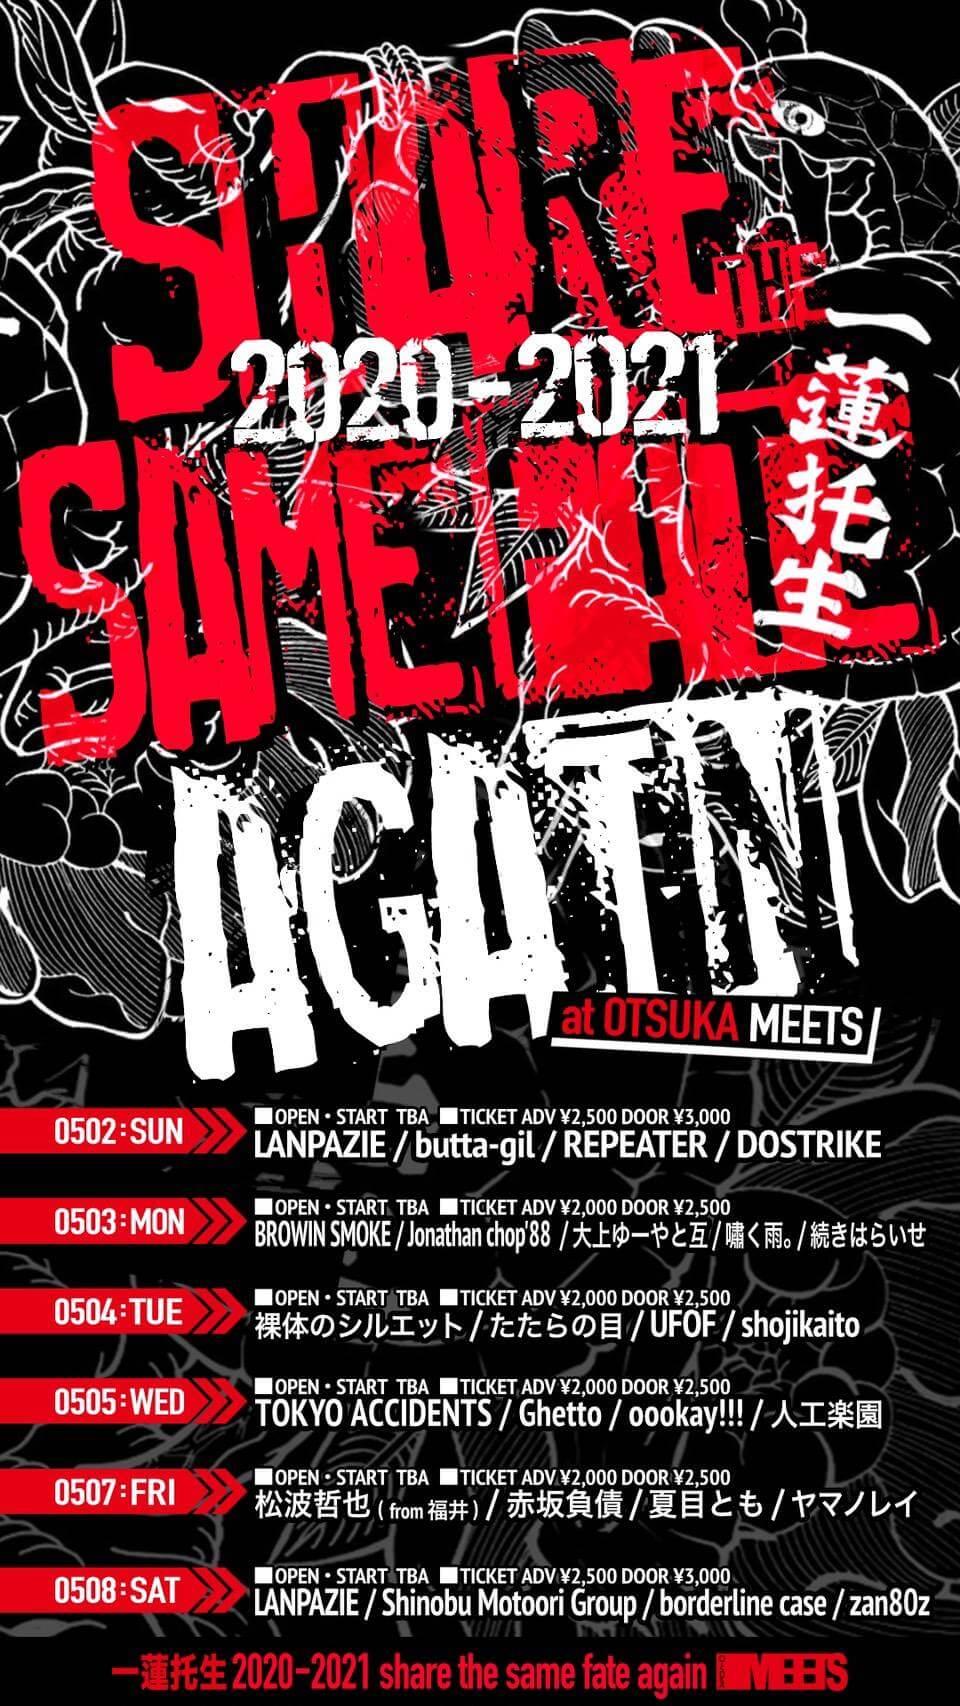 5/2~5/8 一蓮托生2020-2021「SHARE THE SAME FATE AGAIN」@大塚MEETSの詳細